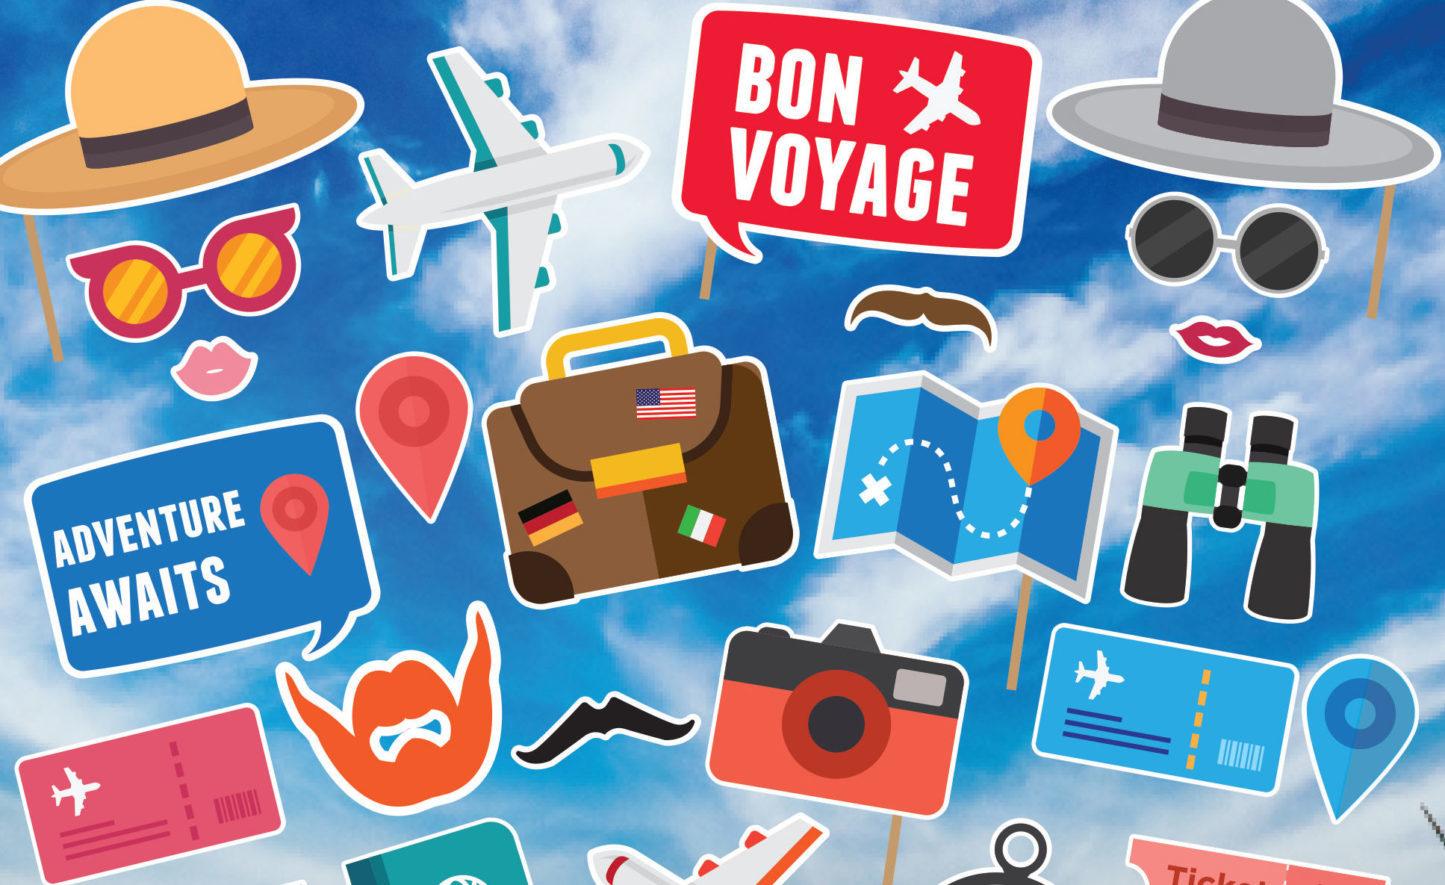 Bon Voyage! Party